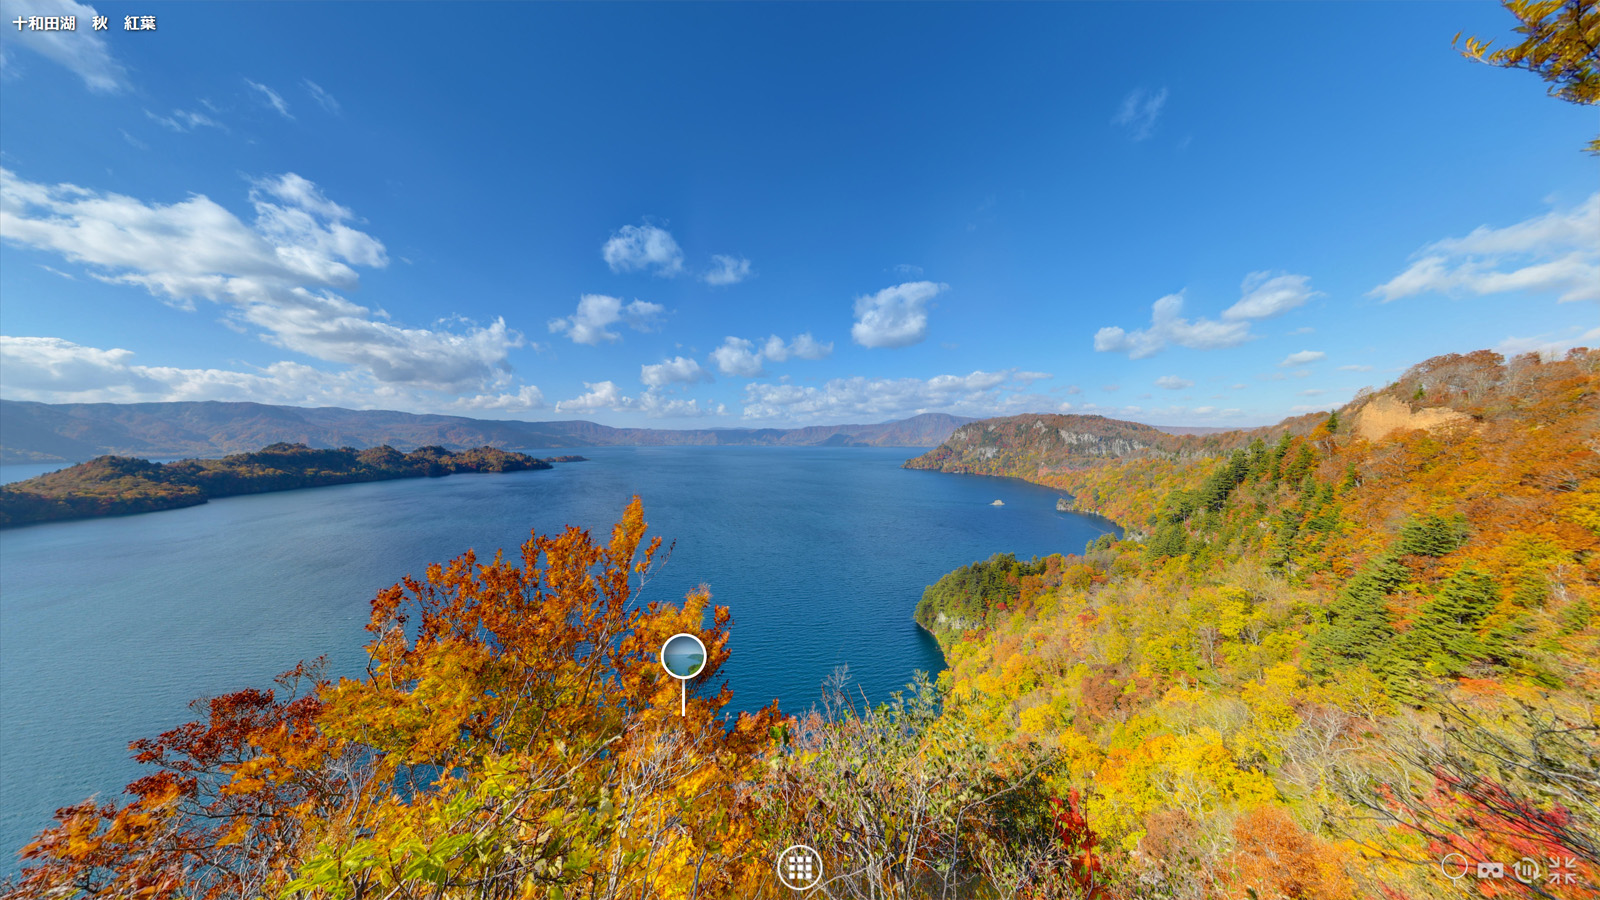 十和田湖のVRコンテンツを見る